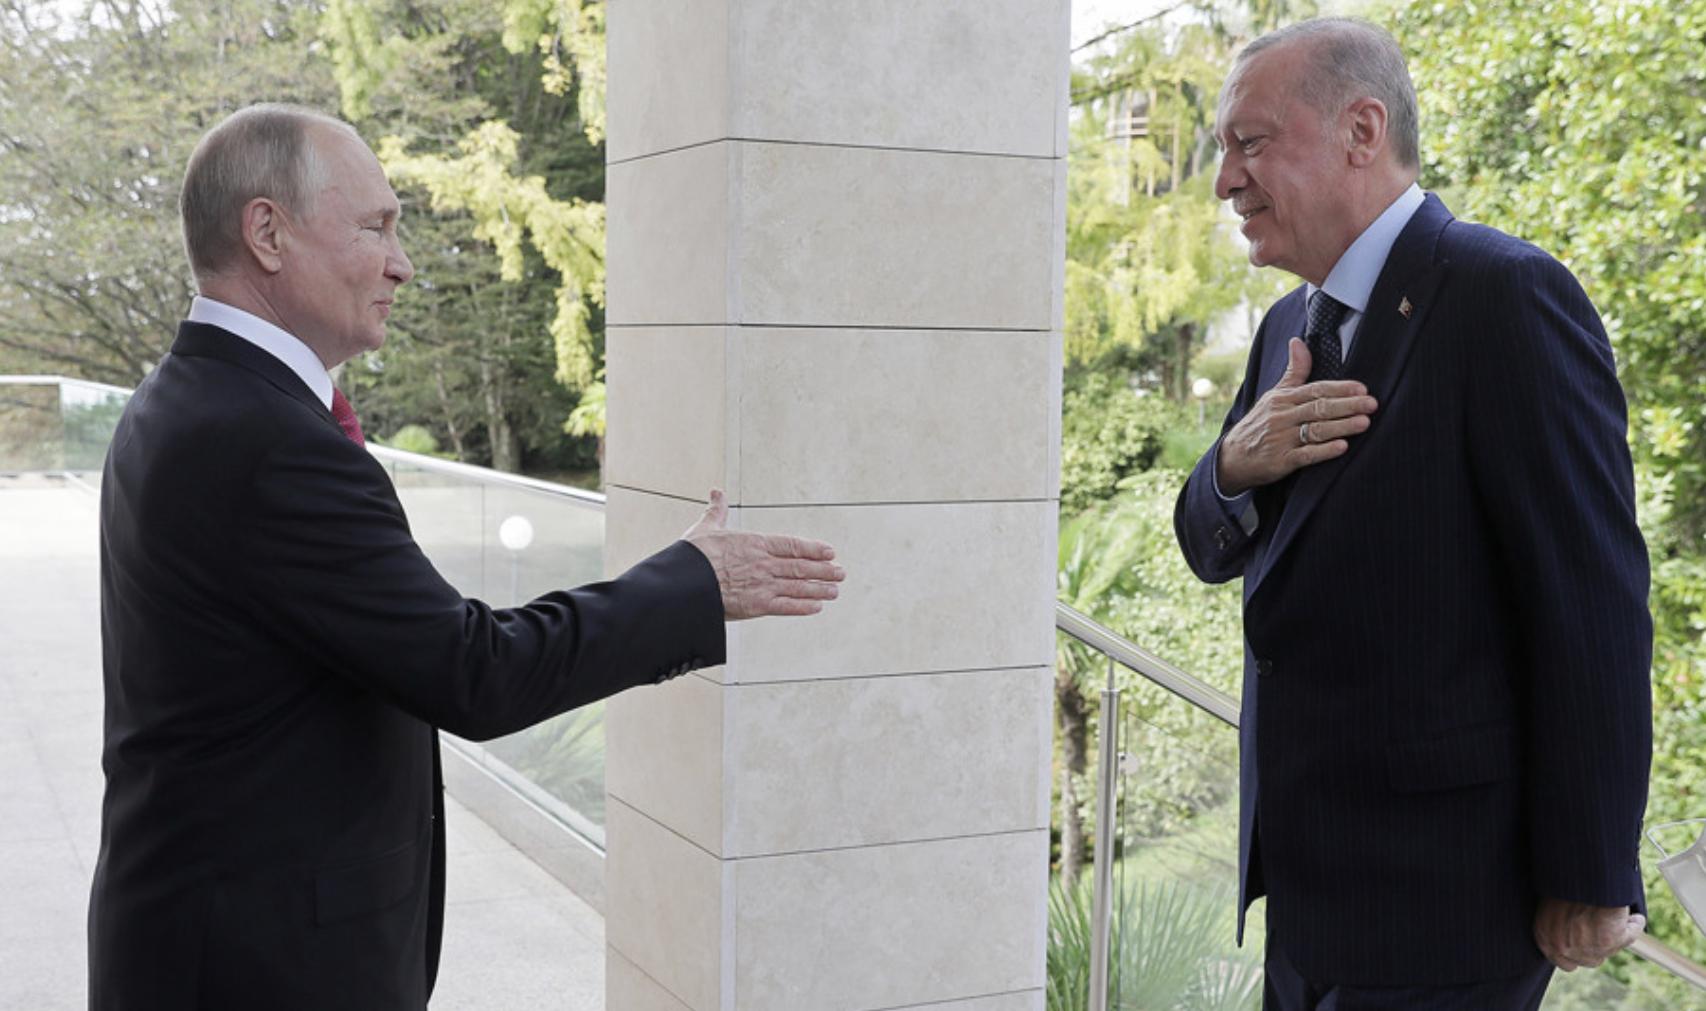 Çfarë domethënie ka pakti Turqi-Rusi për prodhimin e përbashkët të armëve?